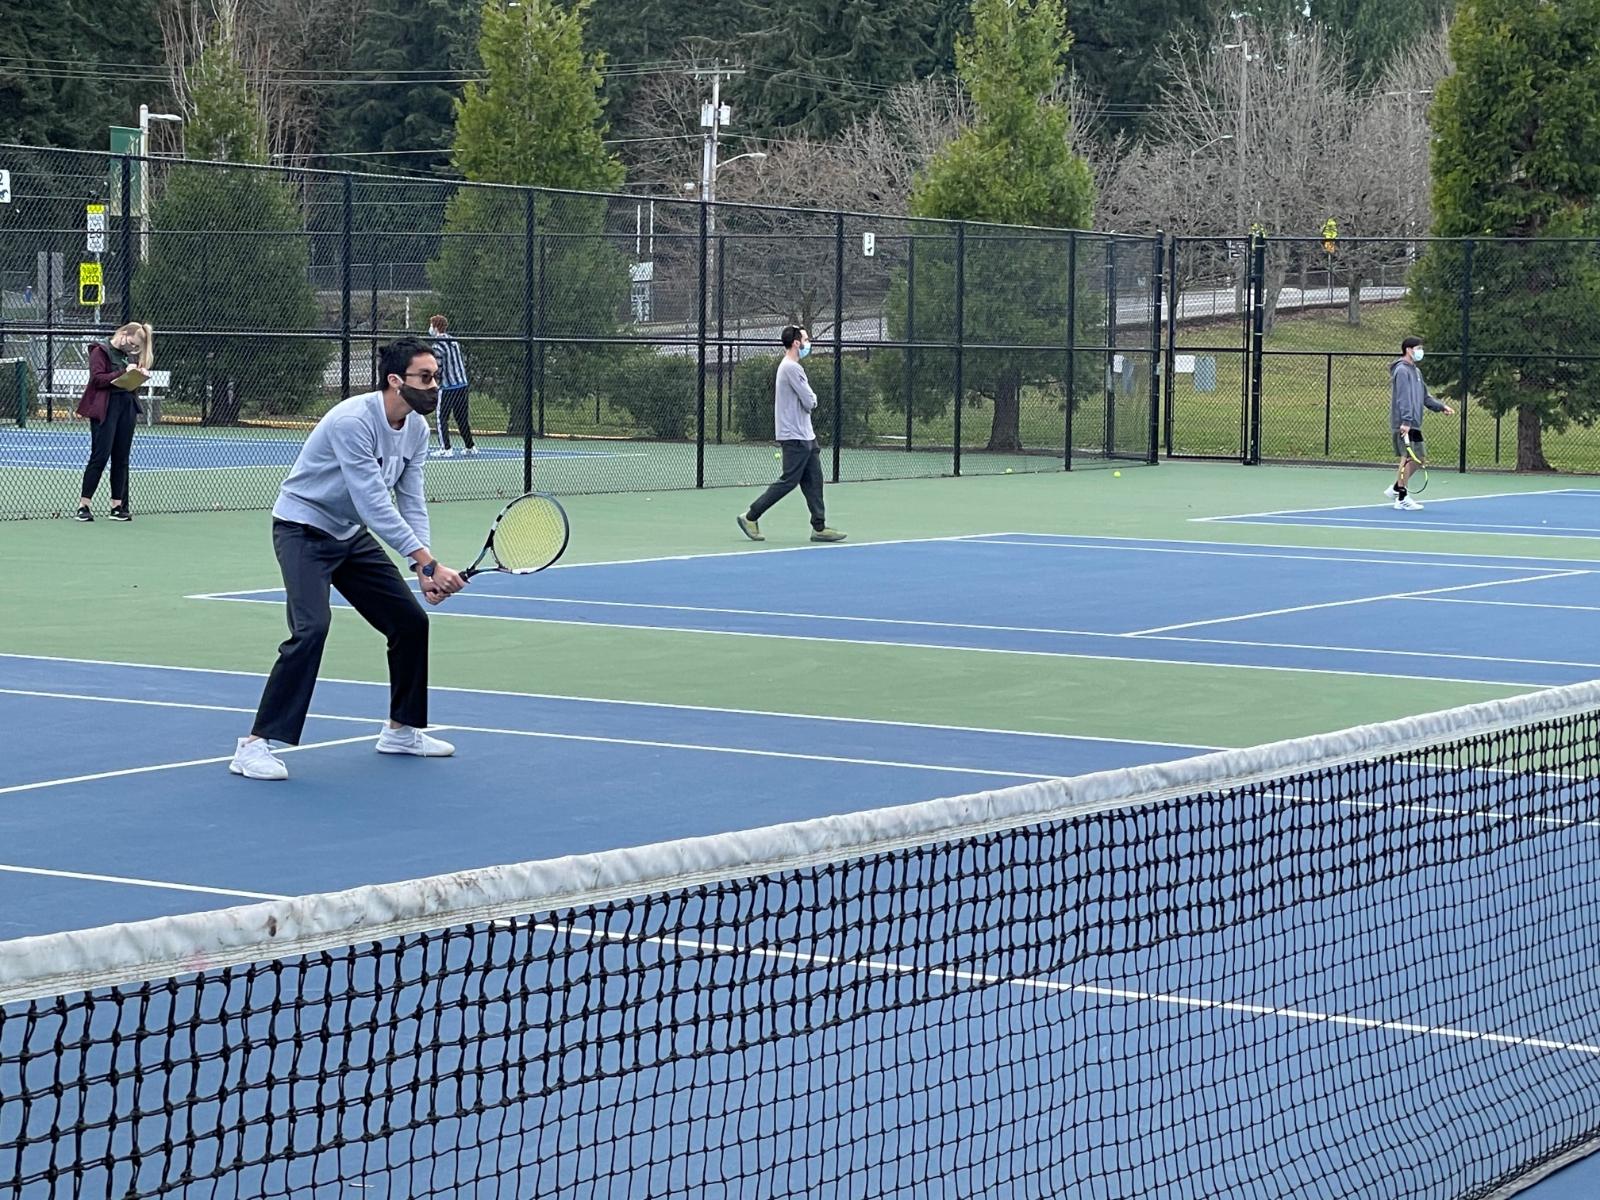 Tennis in the Swing of Things